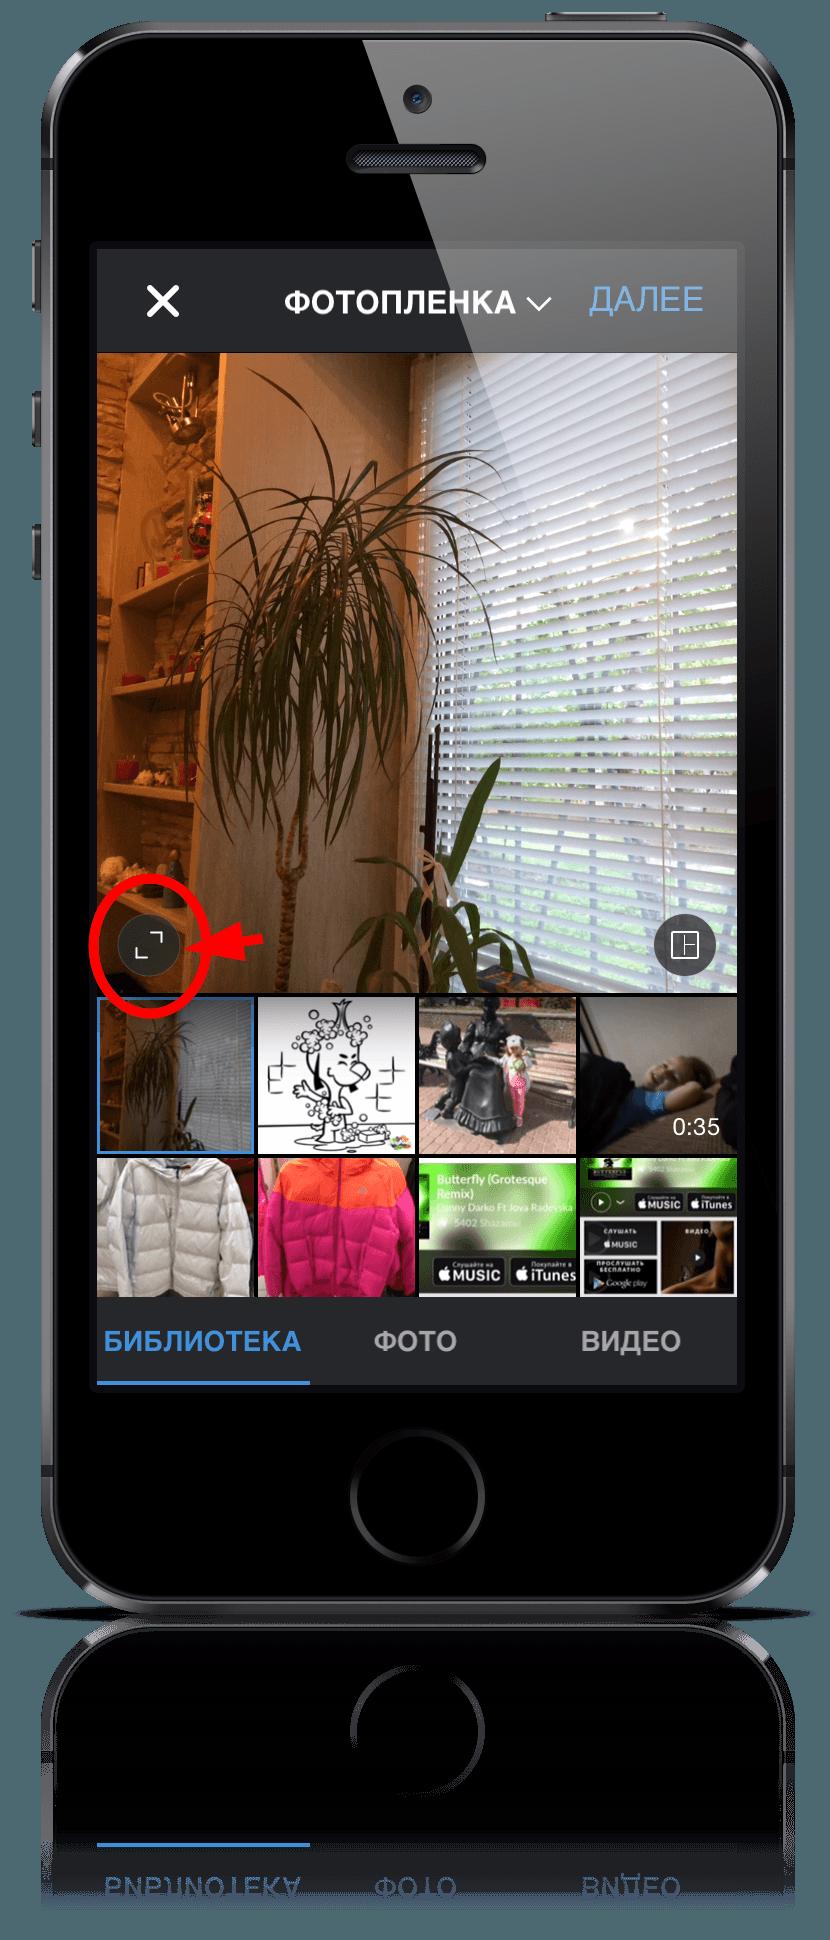 Как в инстаграме сделать не квадратное фото в инстаграм